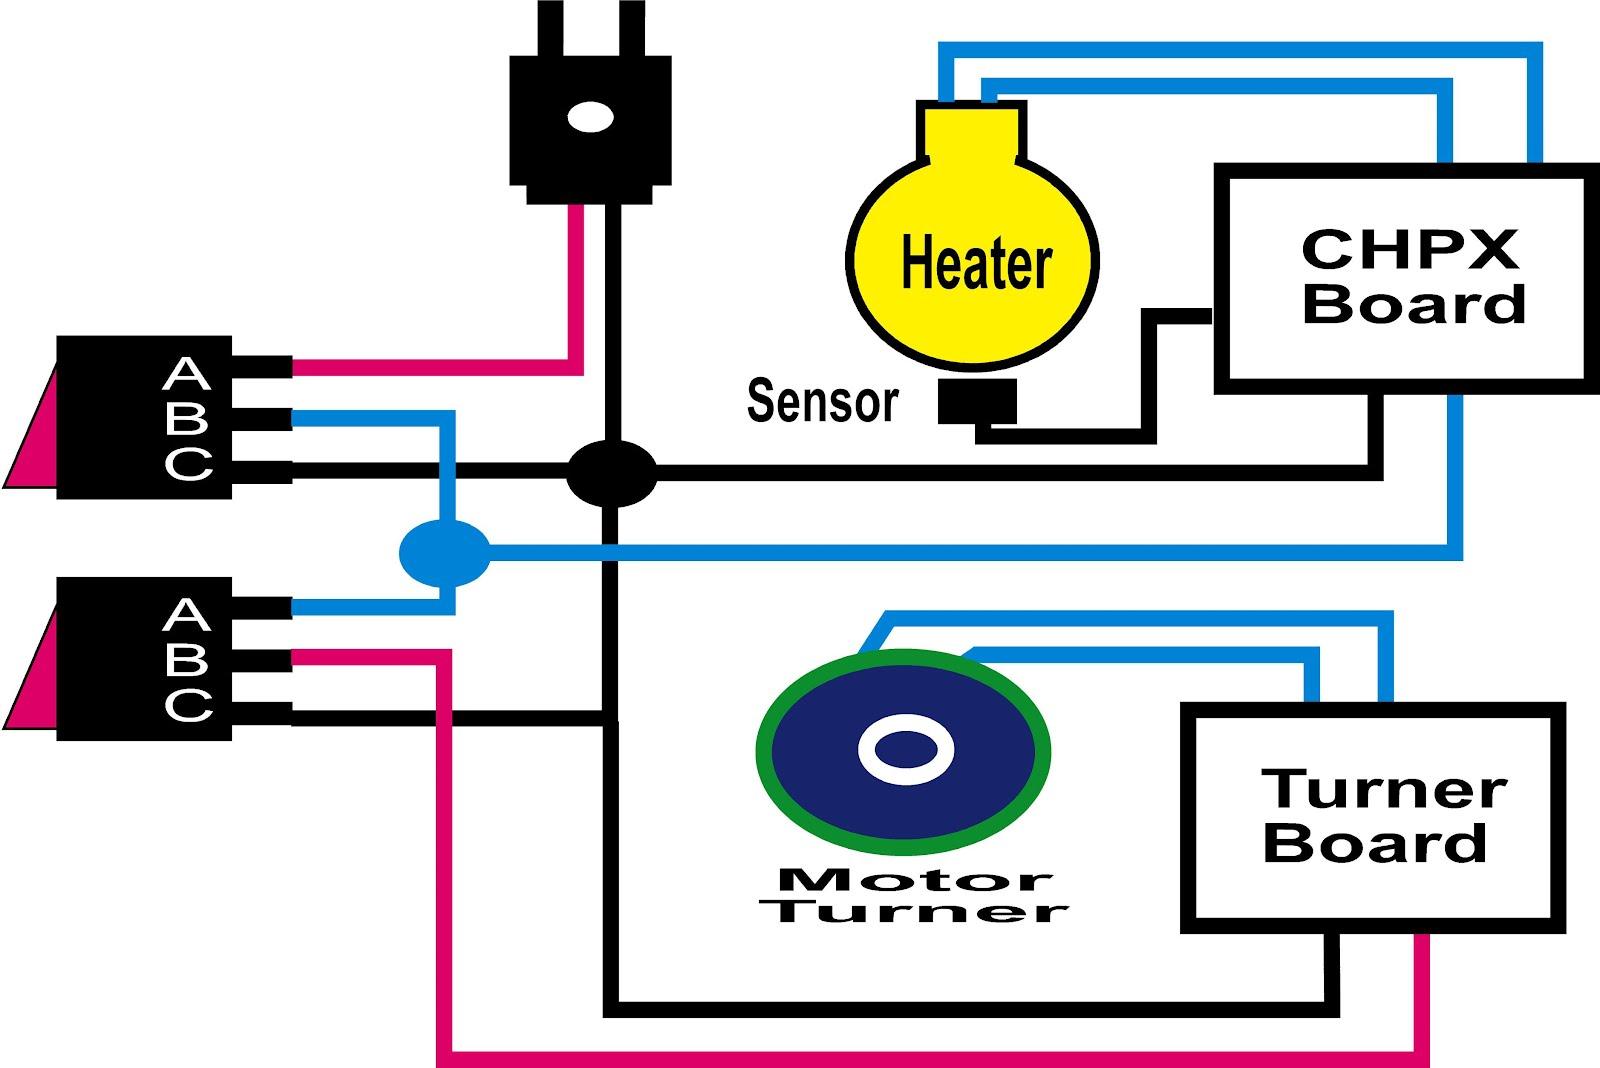 Welkom op de schnell microcomputer march 2012 diagram perkabelannya adalah sebagai berikut ccuart Image collections